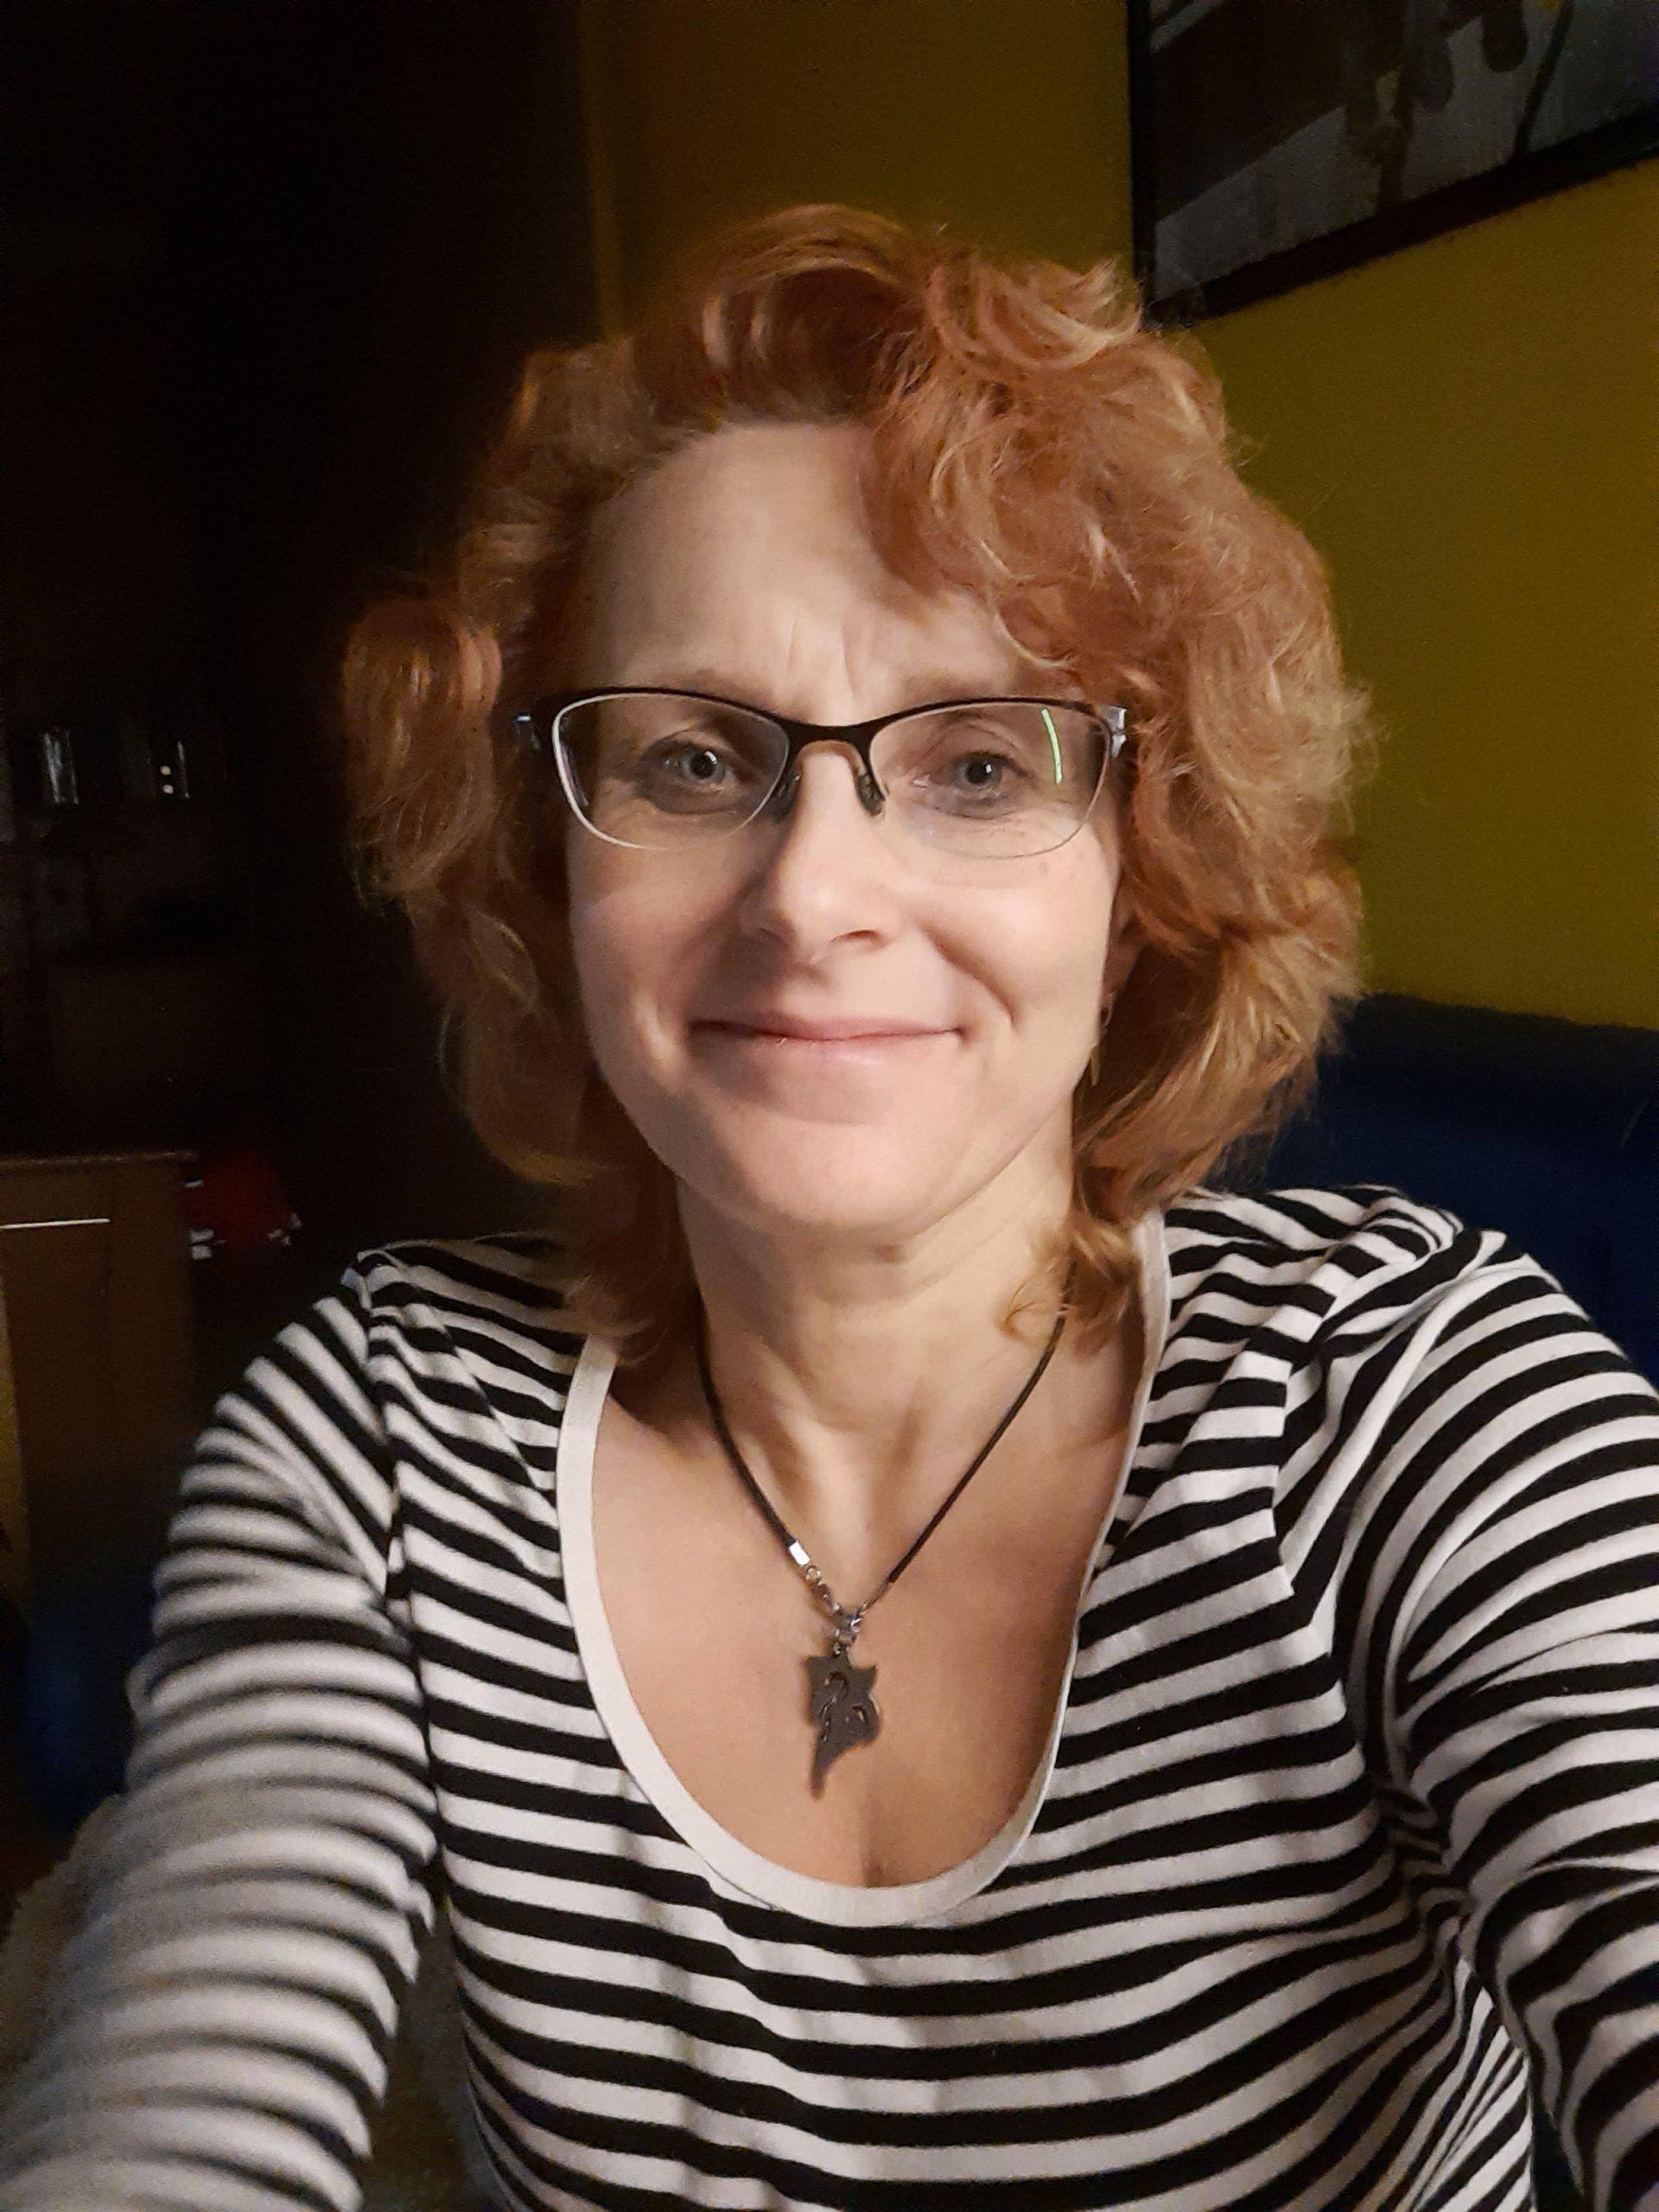 Marcela Jandusová